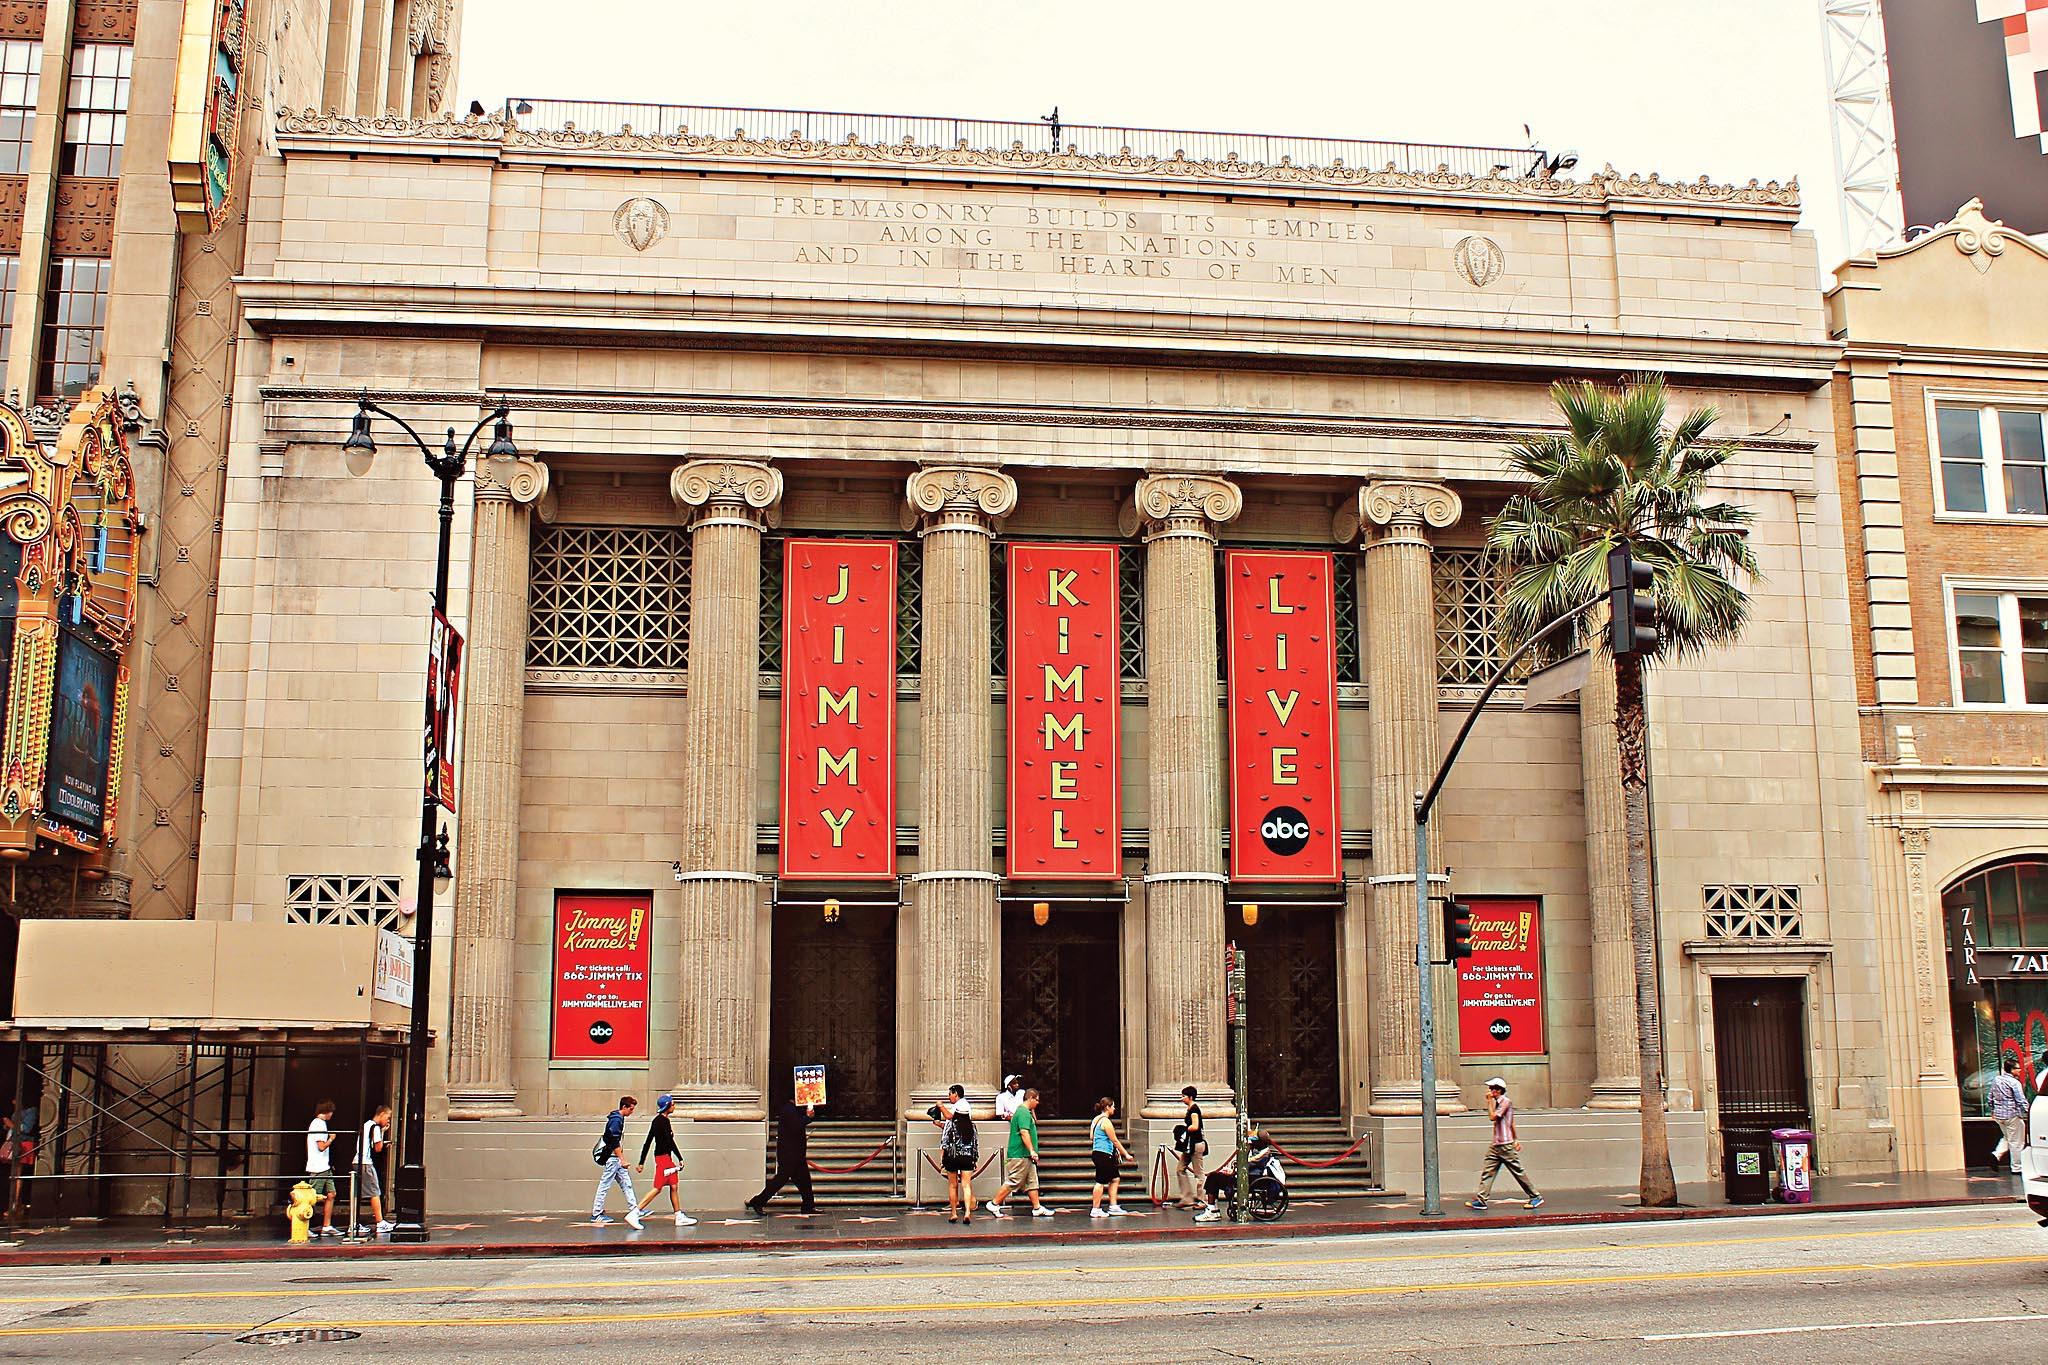 """Um prédio com arquitetura e colunas que fazem referência à cultura grega. Entre as colunas, há três faixas verticais. Em cada uma delas encontram-se as palavras """"jimmy"""", """"kimmel"""" e """"live"""". Algumas pessoas caminham tranquilamente pela frente do prédio"""